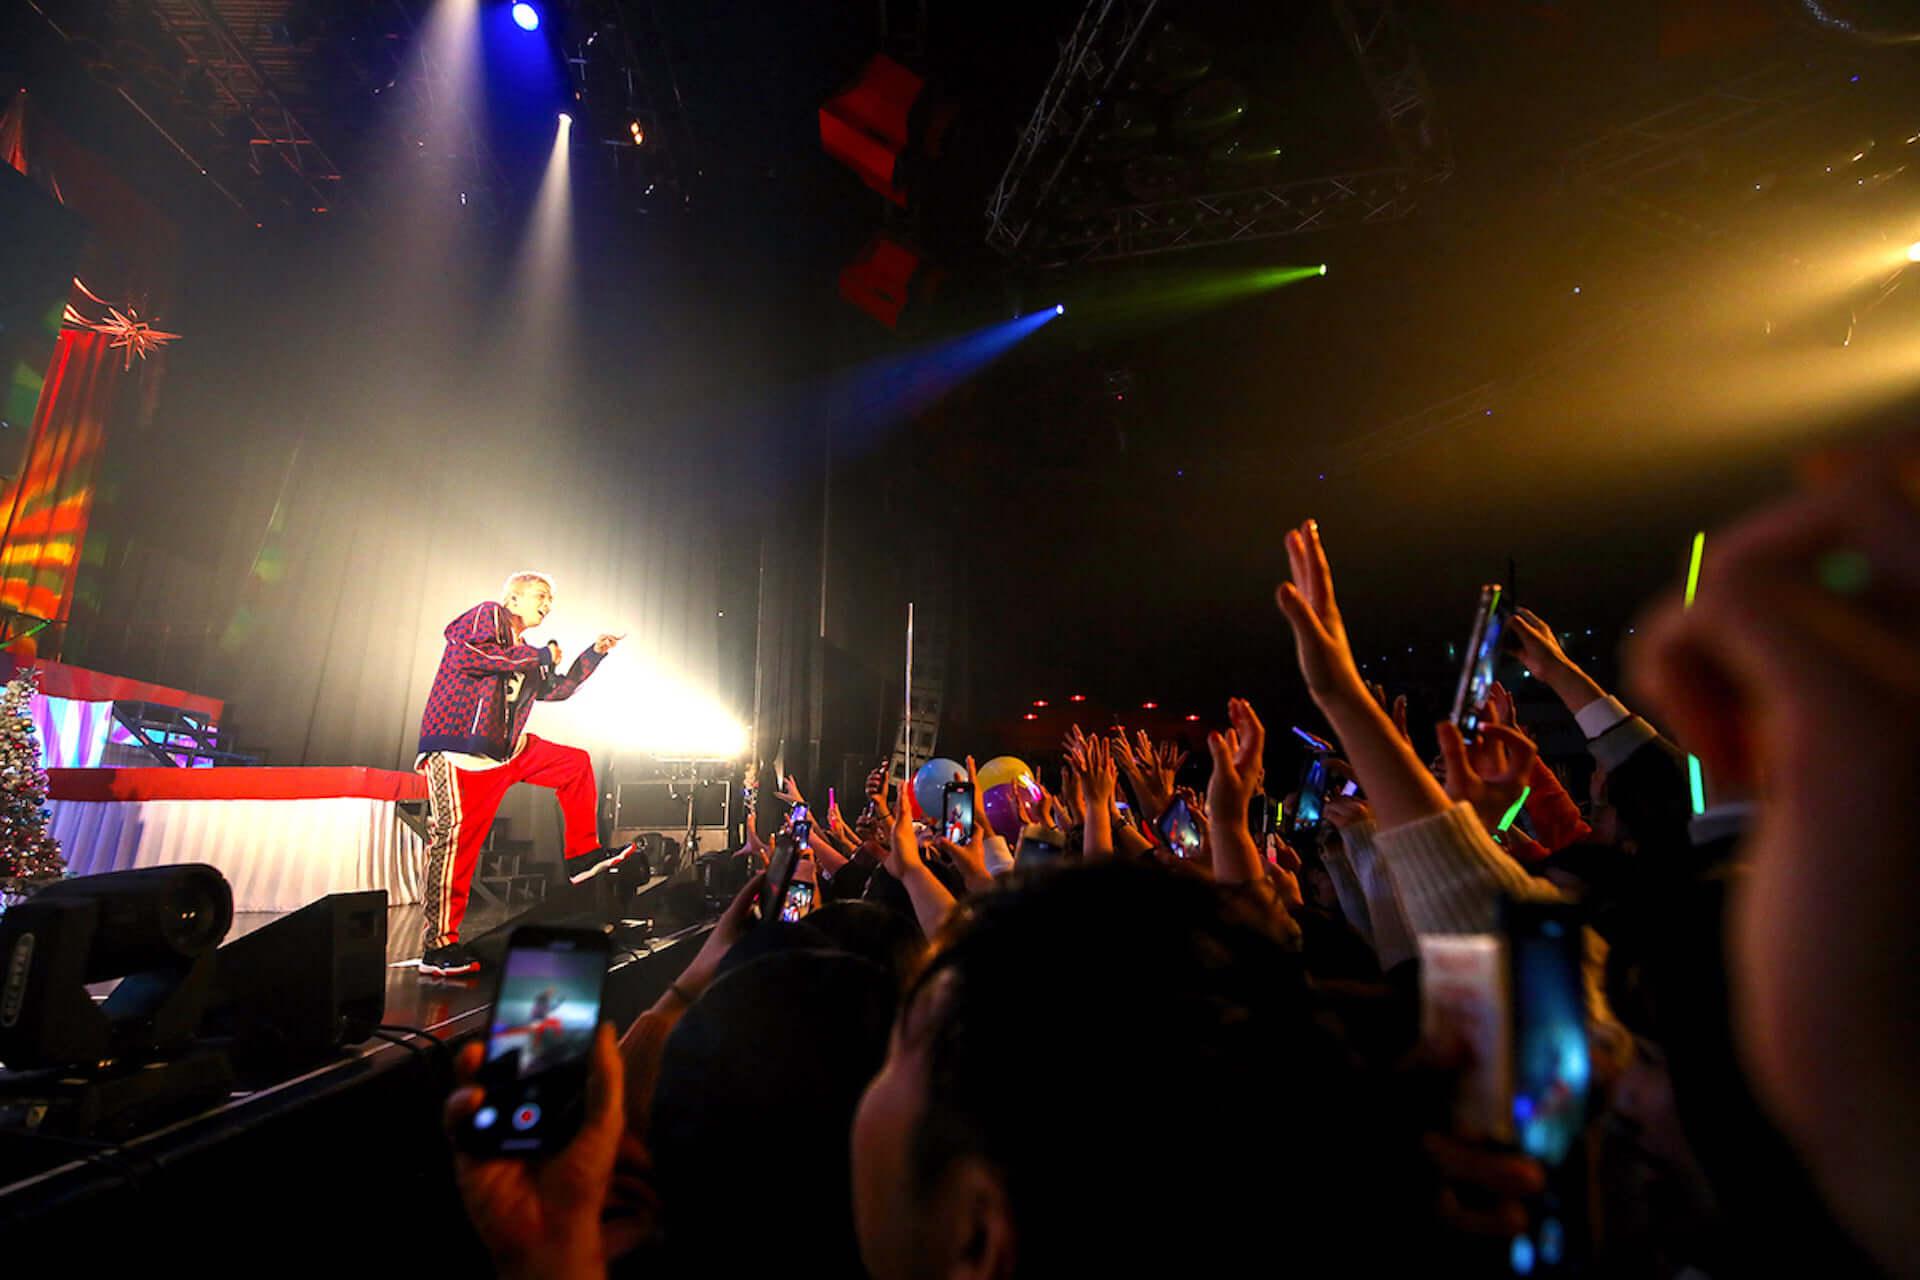 3,000人が出会う一夜!りんごちゃん、t-Ace等々出演のsagami original presents<SABISHINBO NIGHT 2019>25周年目のイベントレポート music191224_sabishinbo2019after_14-1920x1280